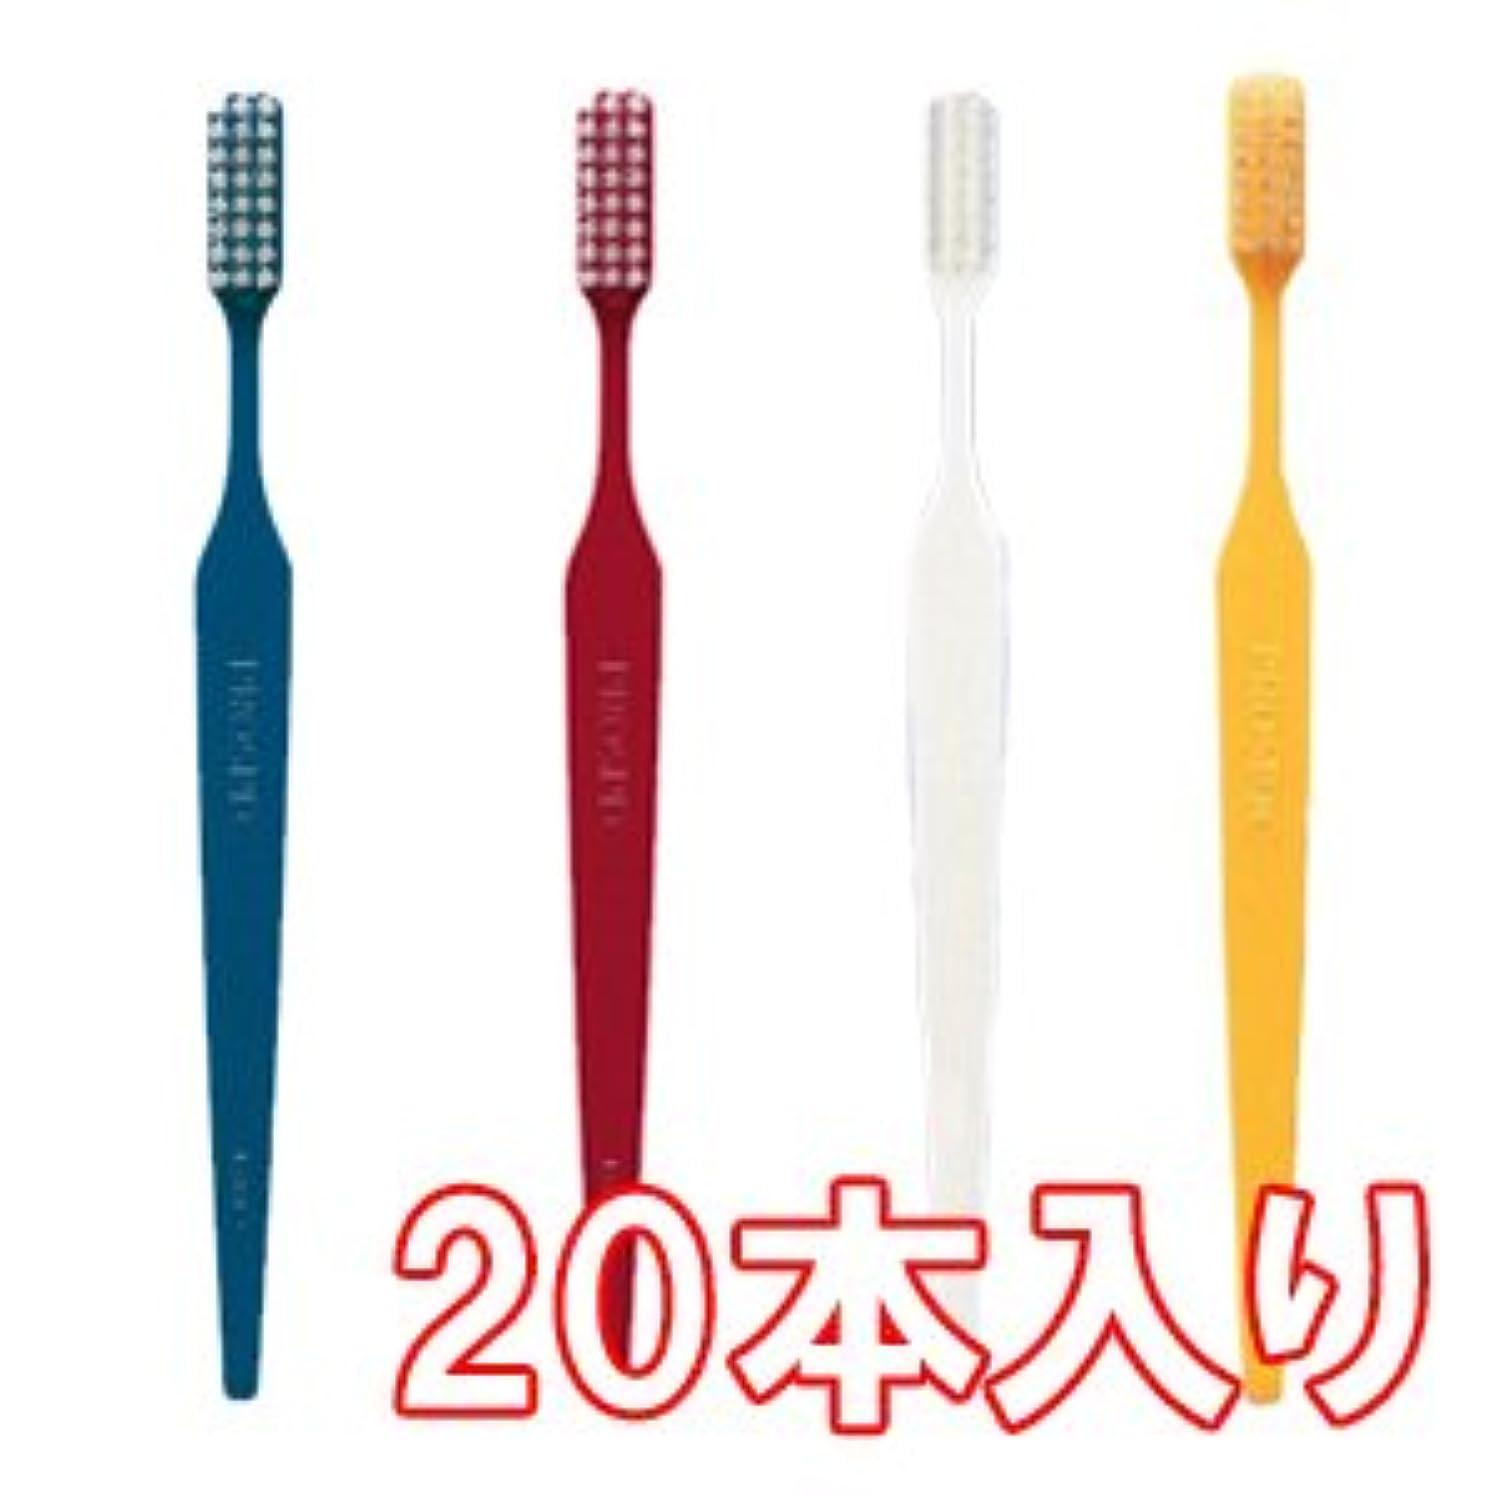 現実的影響ビリーヤギジーシー GC プロスペック 歯ブラシ アダルト 20本入 M ふつう